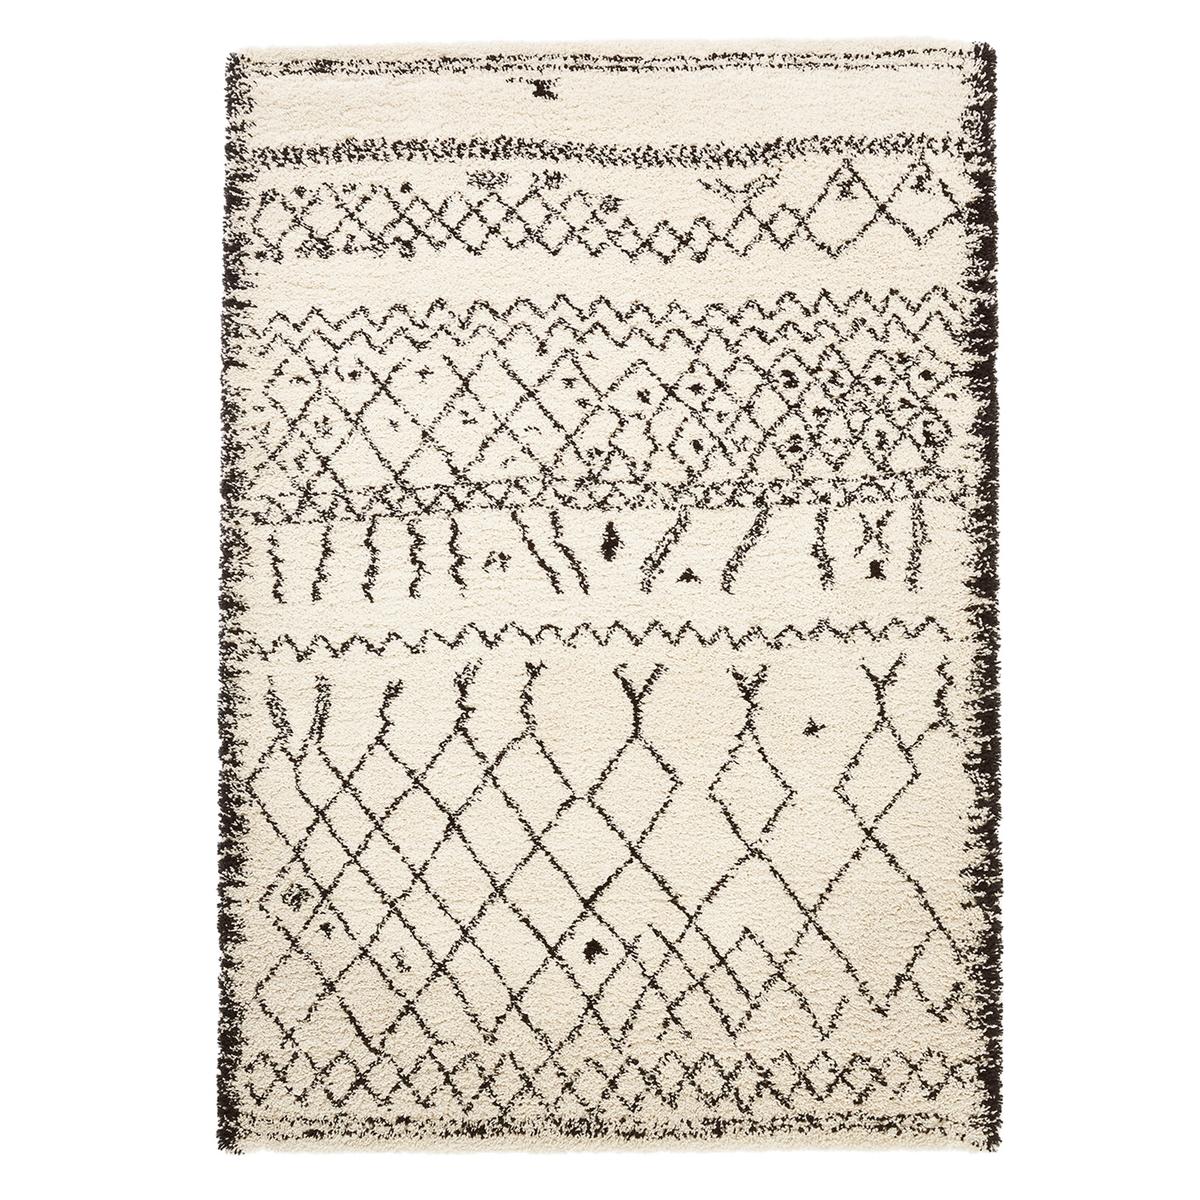 Ковер в берберском стиле, Afaw ковер в берберском стиле из шерсти tekouma